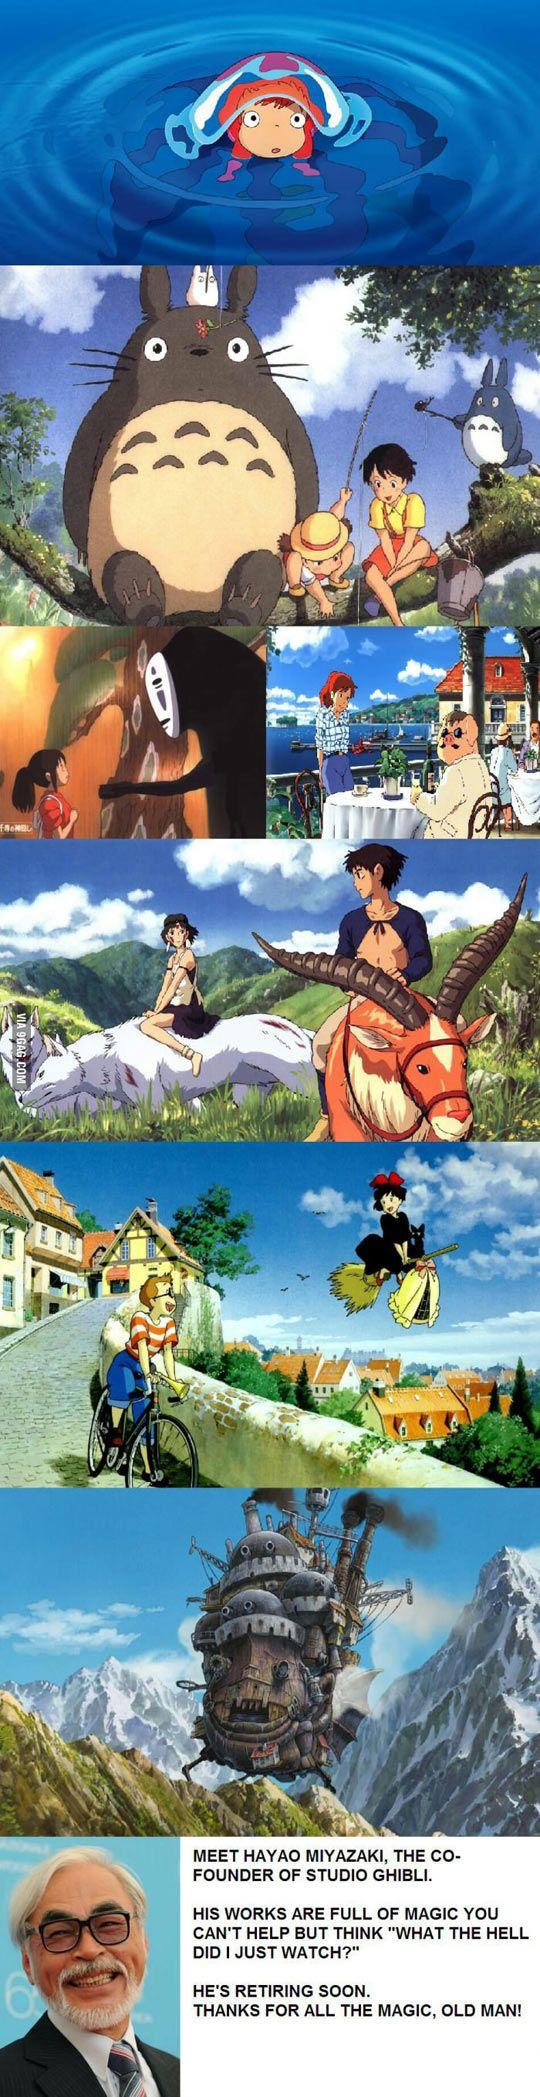 Meet Hayao Miyazaki | Ghibli